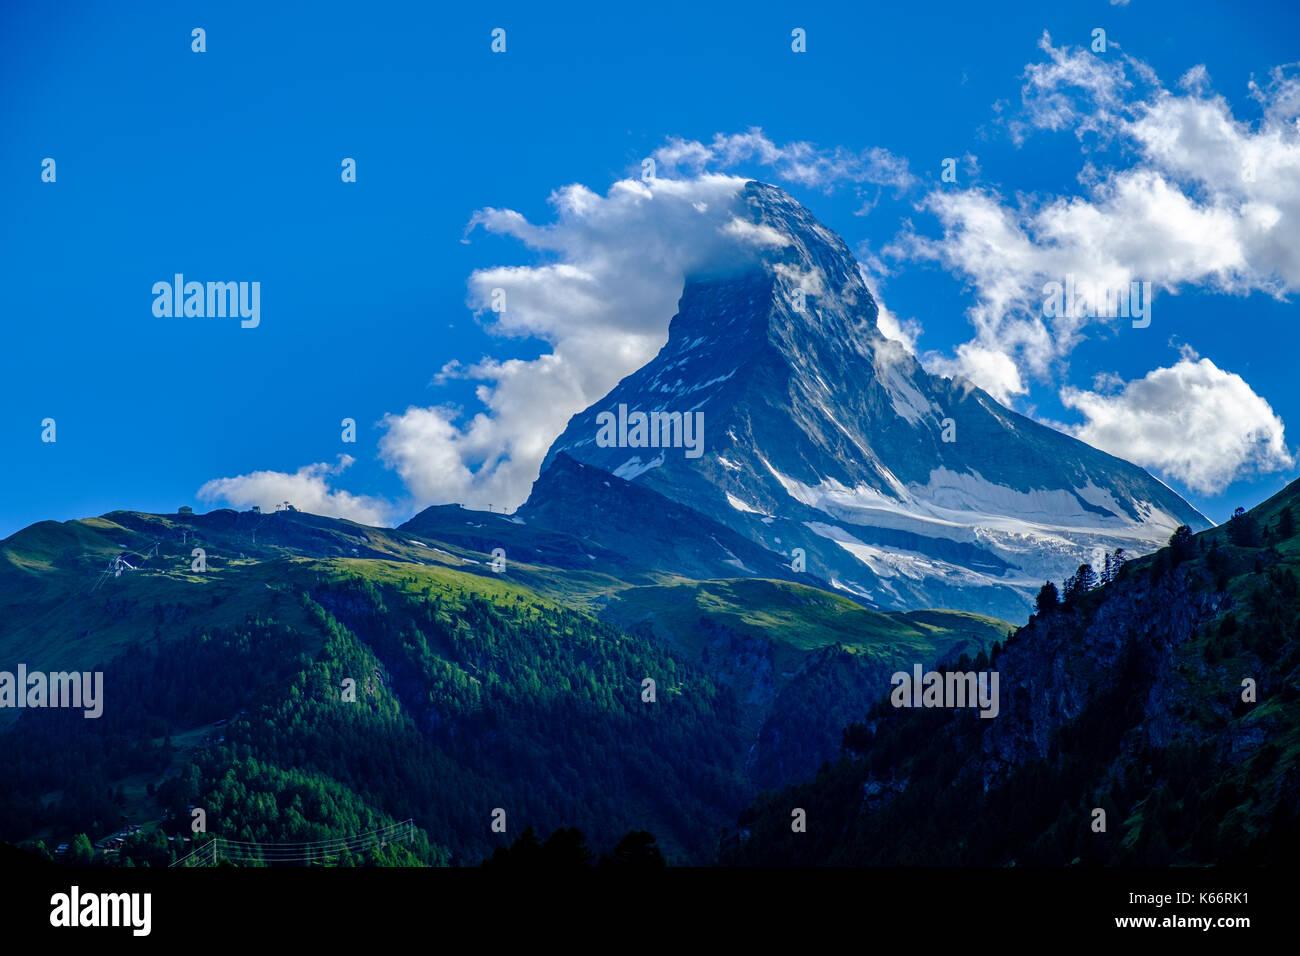 Im Osten und Norden Gesicht auf das Matterhorn, Monte Cervino, mit Wolken um die Gipfel Stockbild